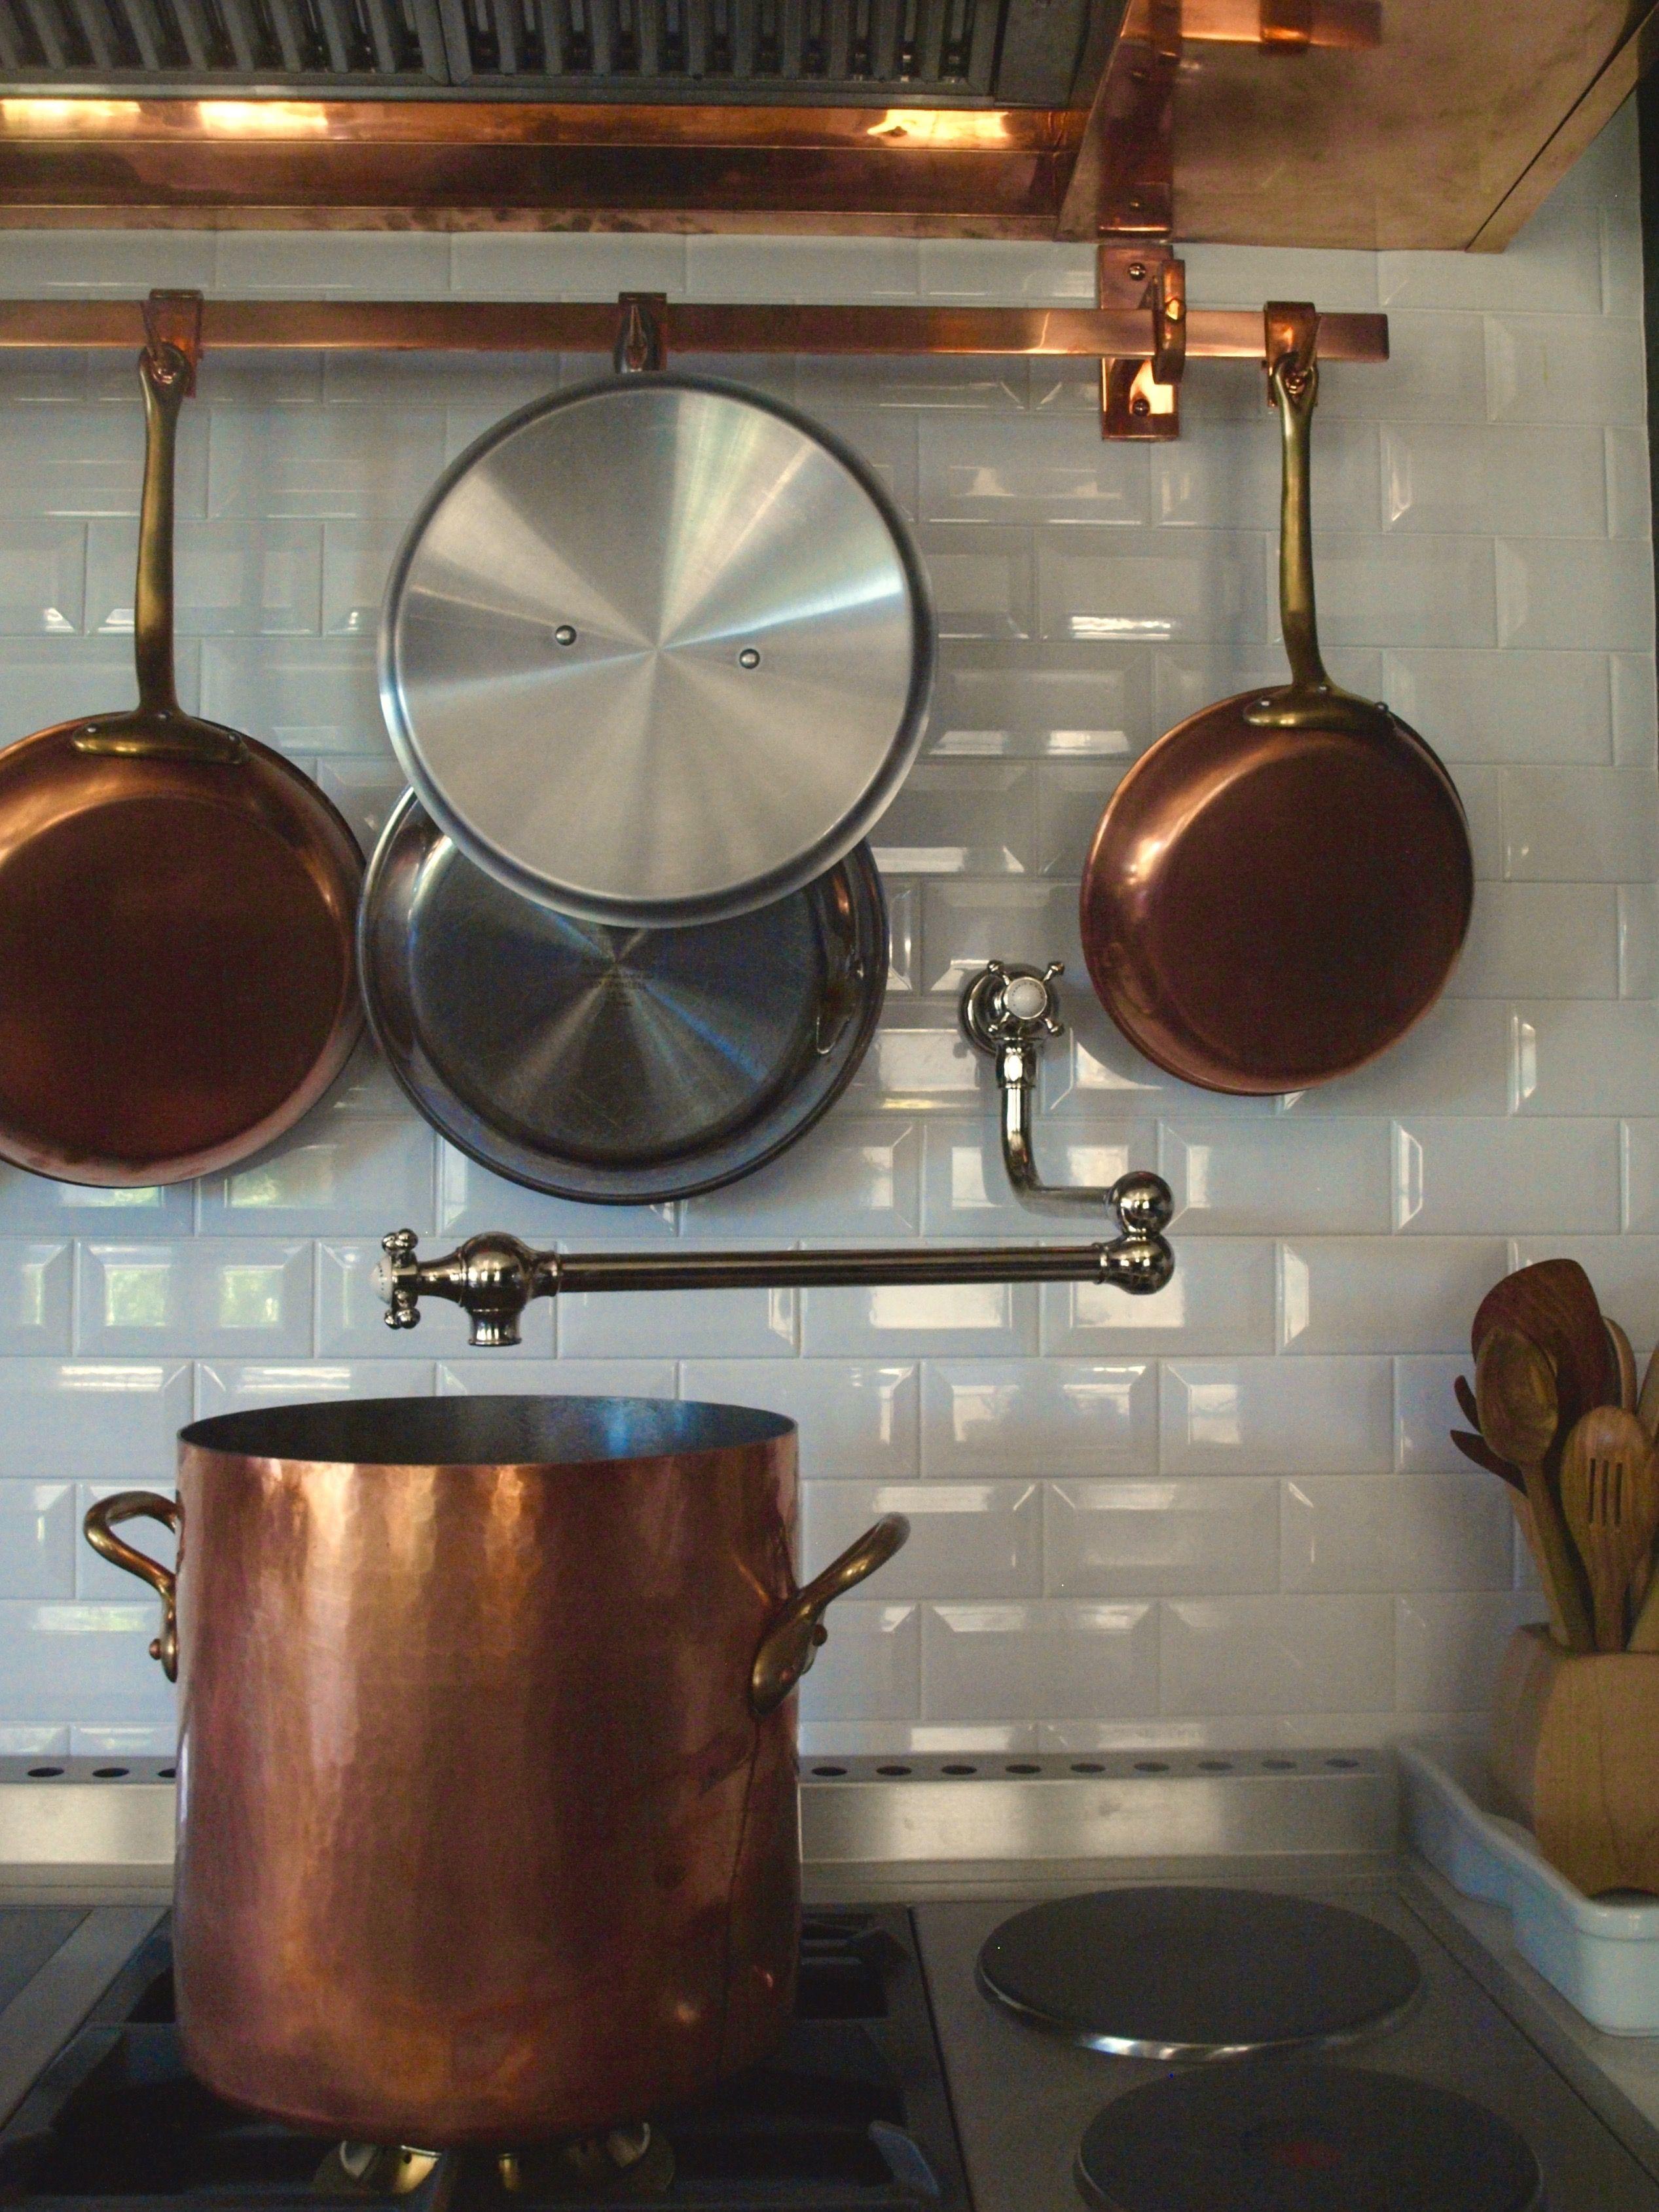 Mauviel Pots And Pans And A La Cornue Pot Rack